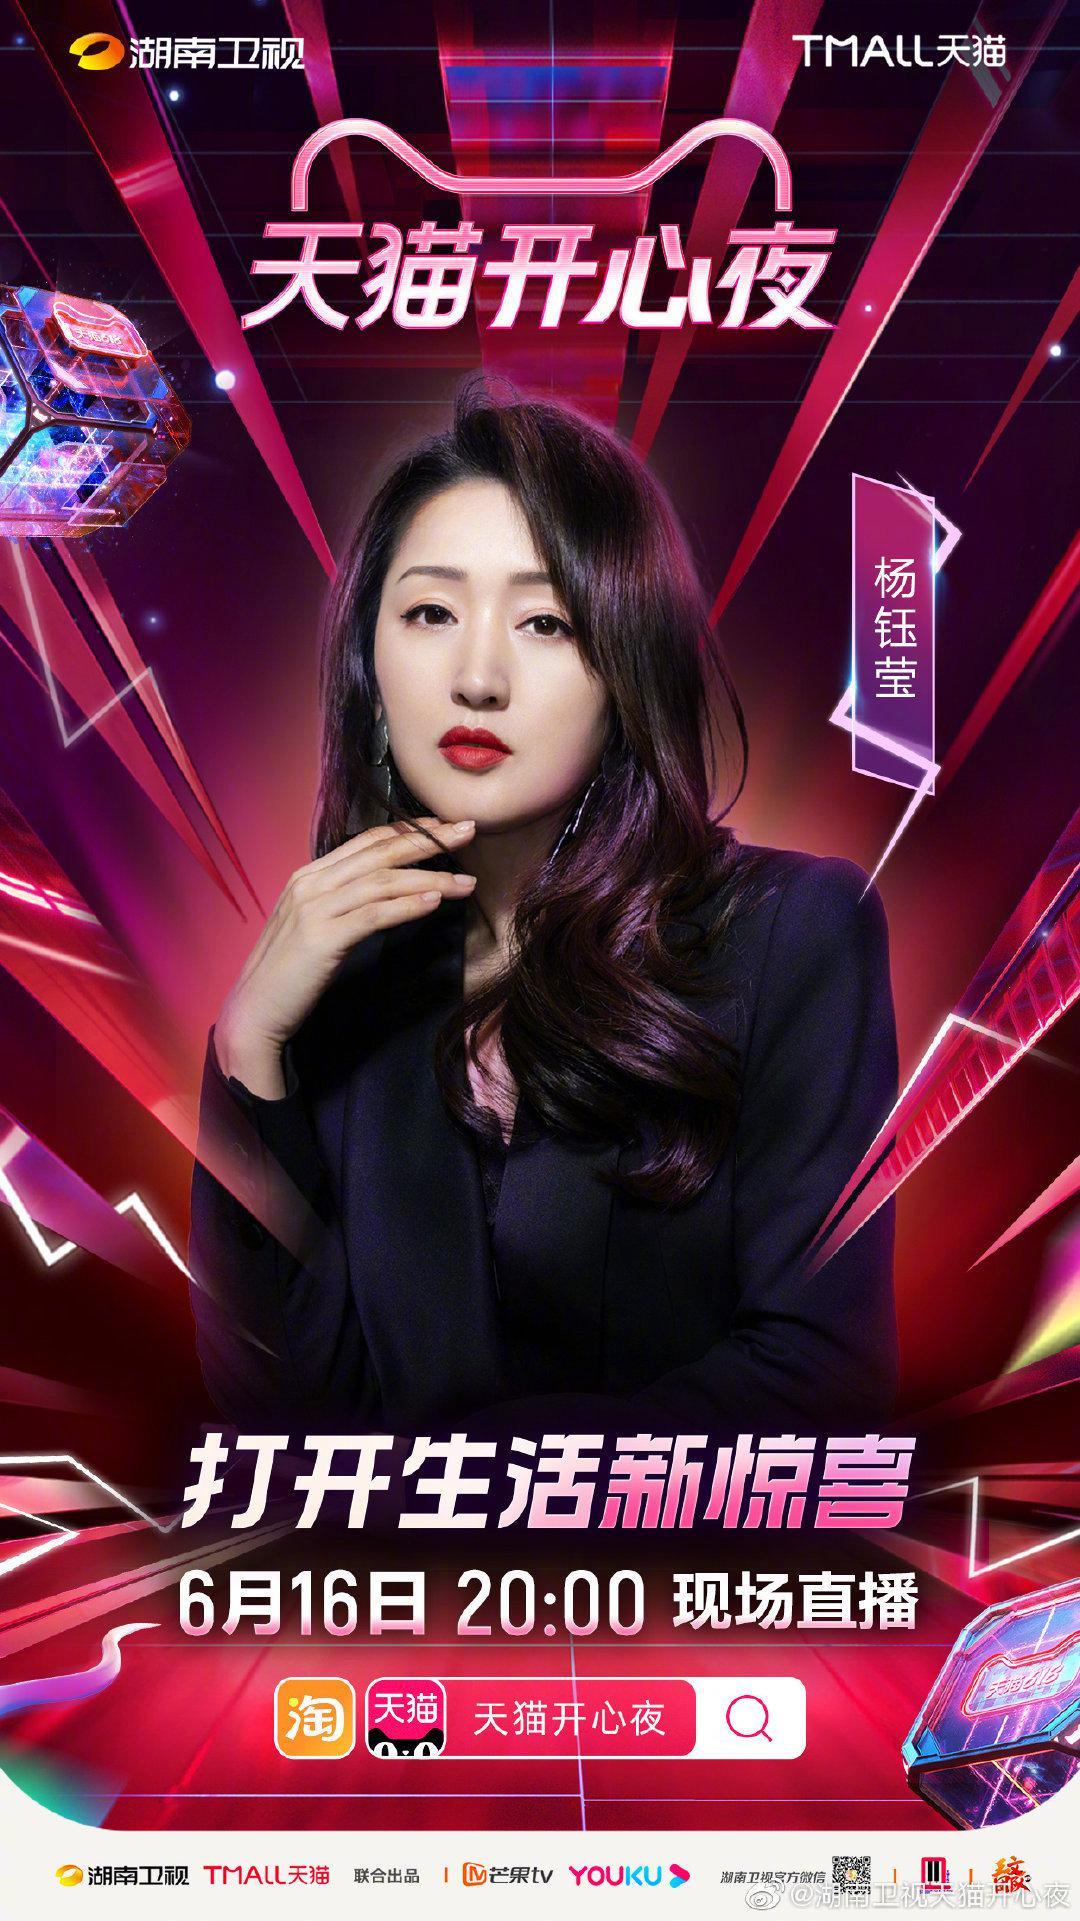 湖南卫视 她是歌声甜美的冻龄歌手……